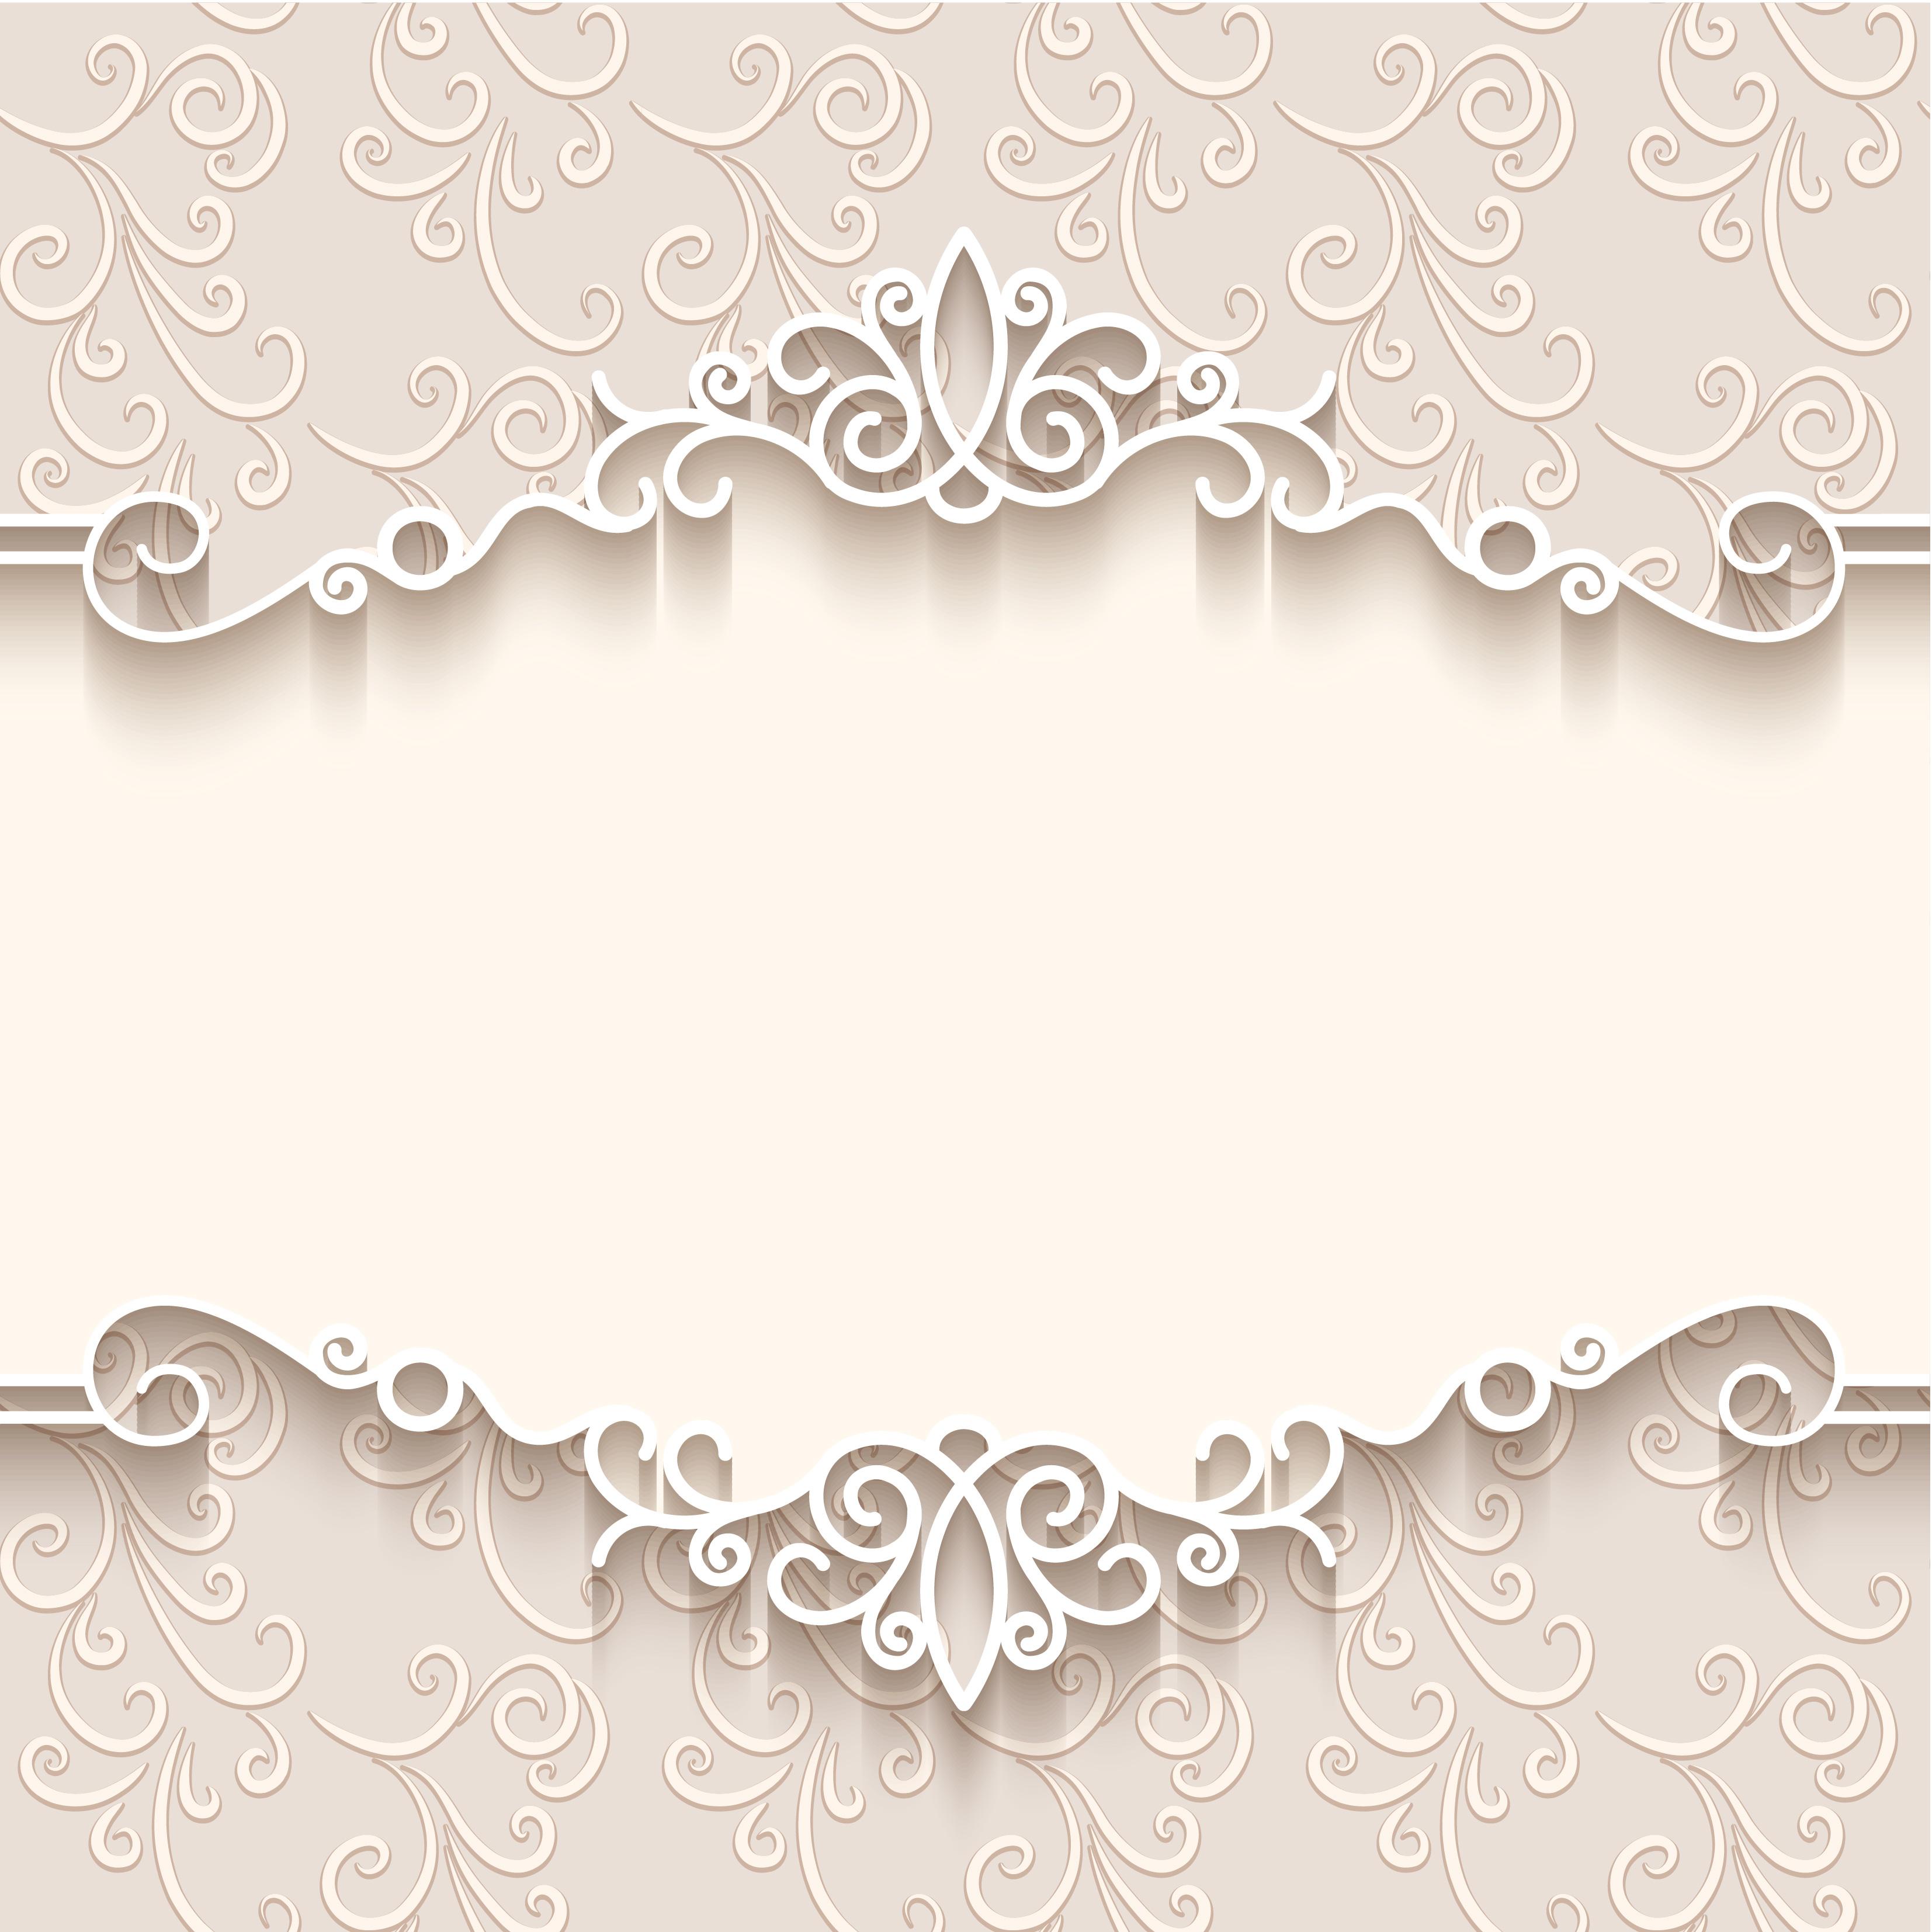 arabesque floral conception sch u00e9ma contexte graphique d u00e9coration art image de fond pour le